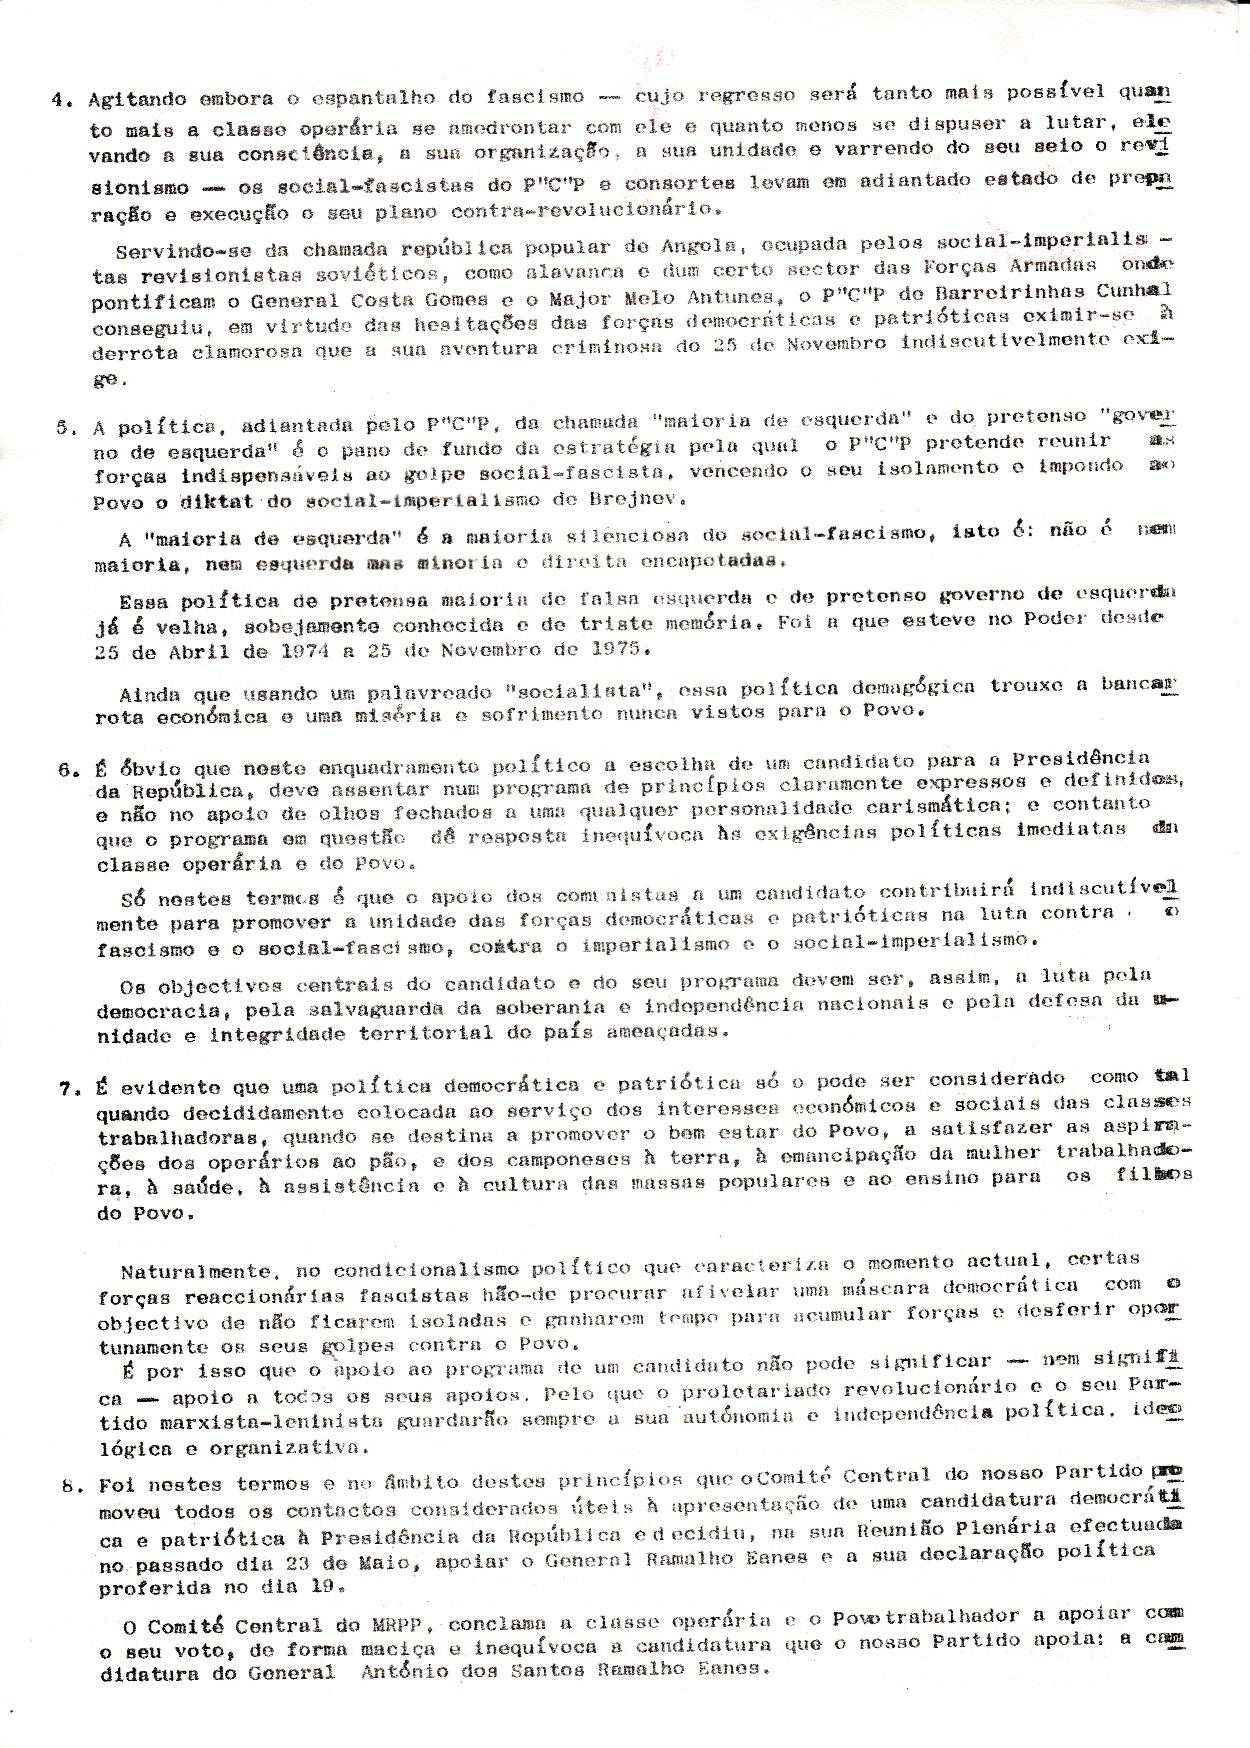 MRPP_1976_05_25_0002